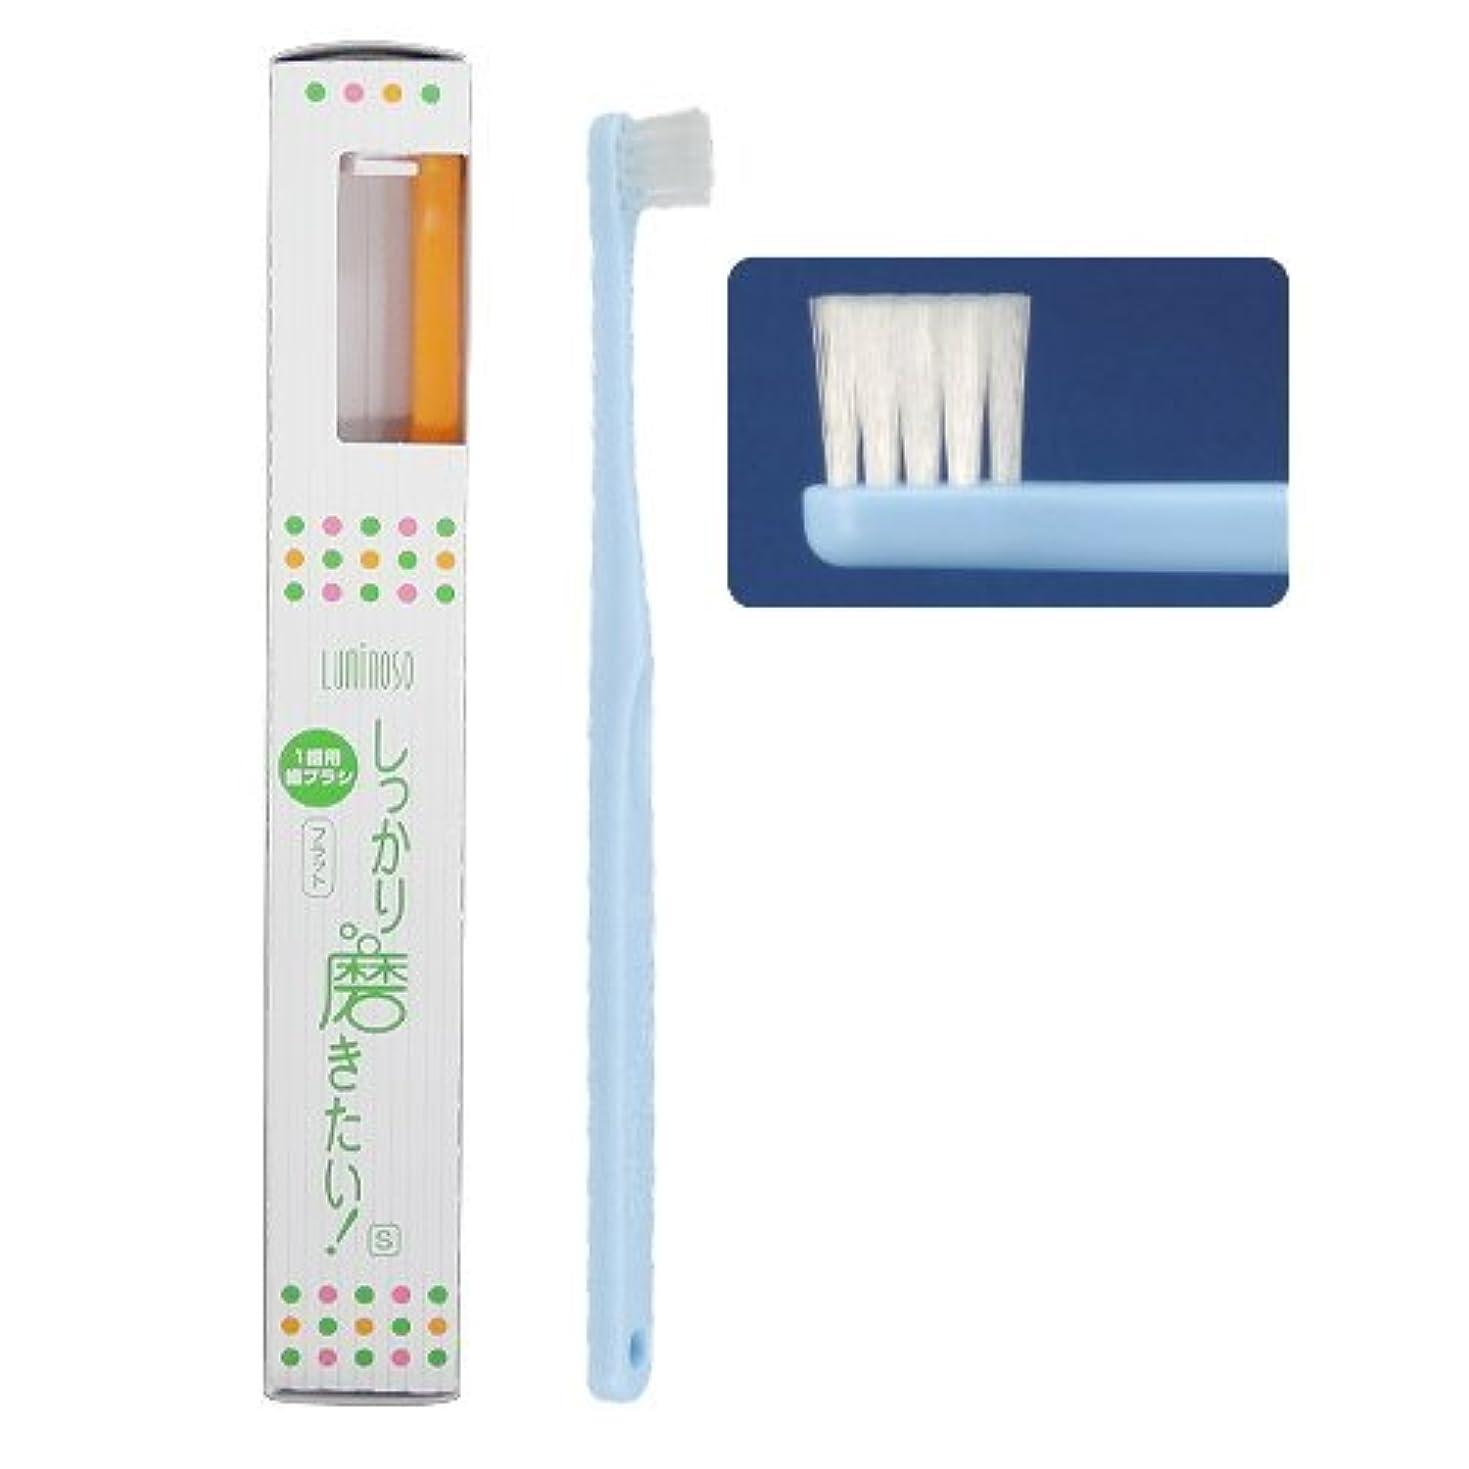 腹痛文献頭痛ルミノソ 1歯用歯ブラシ 「しっかり磨きたい!」 フラット ソフト (カラー指定不可) 3本